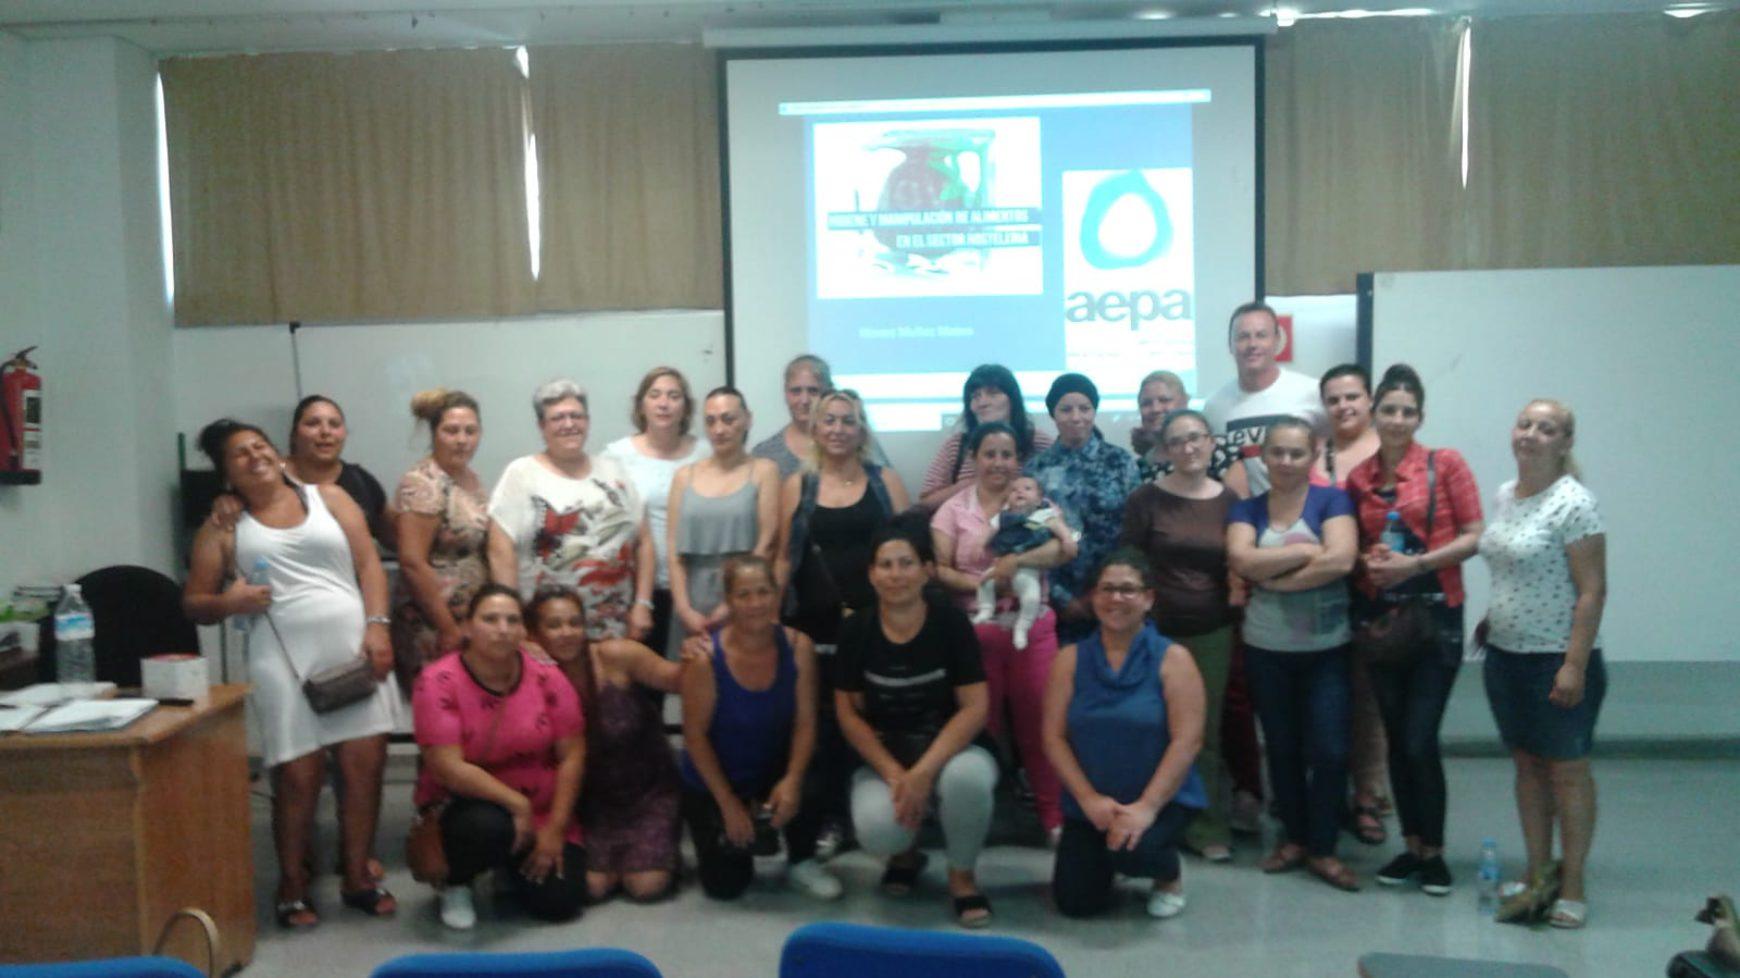 AEPA organiza un curso de manipulación de alimentos en Nazaret